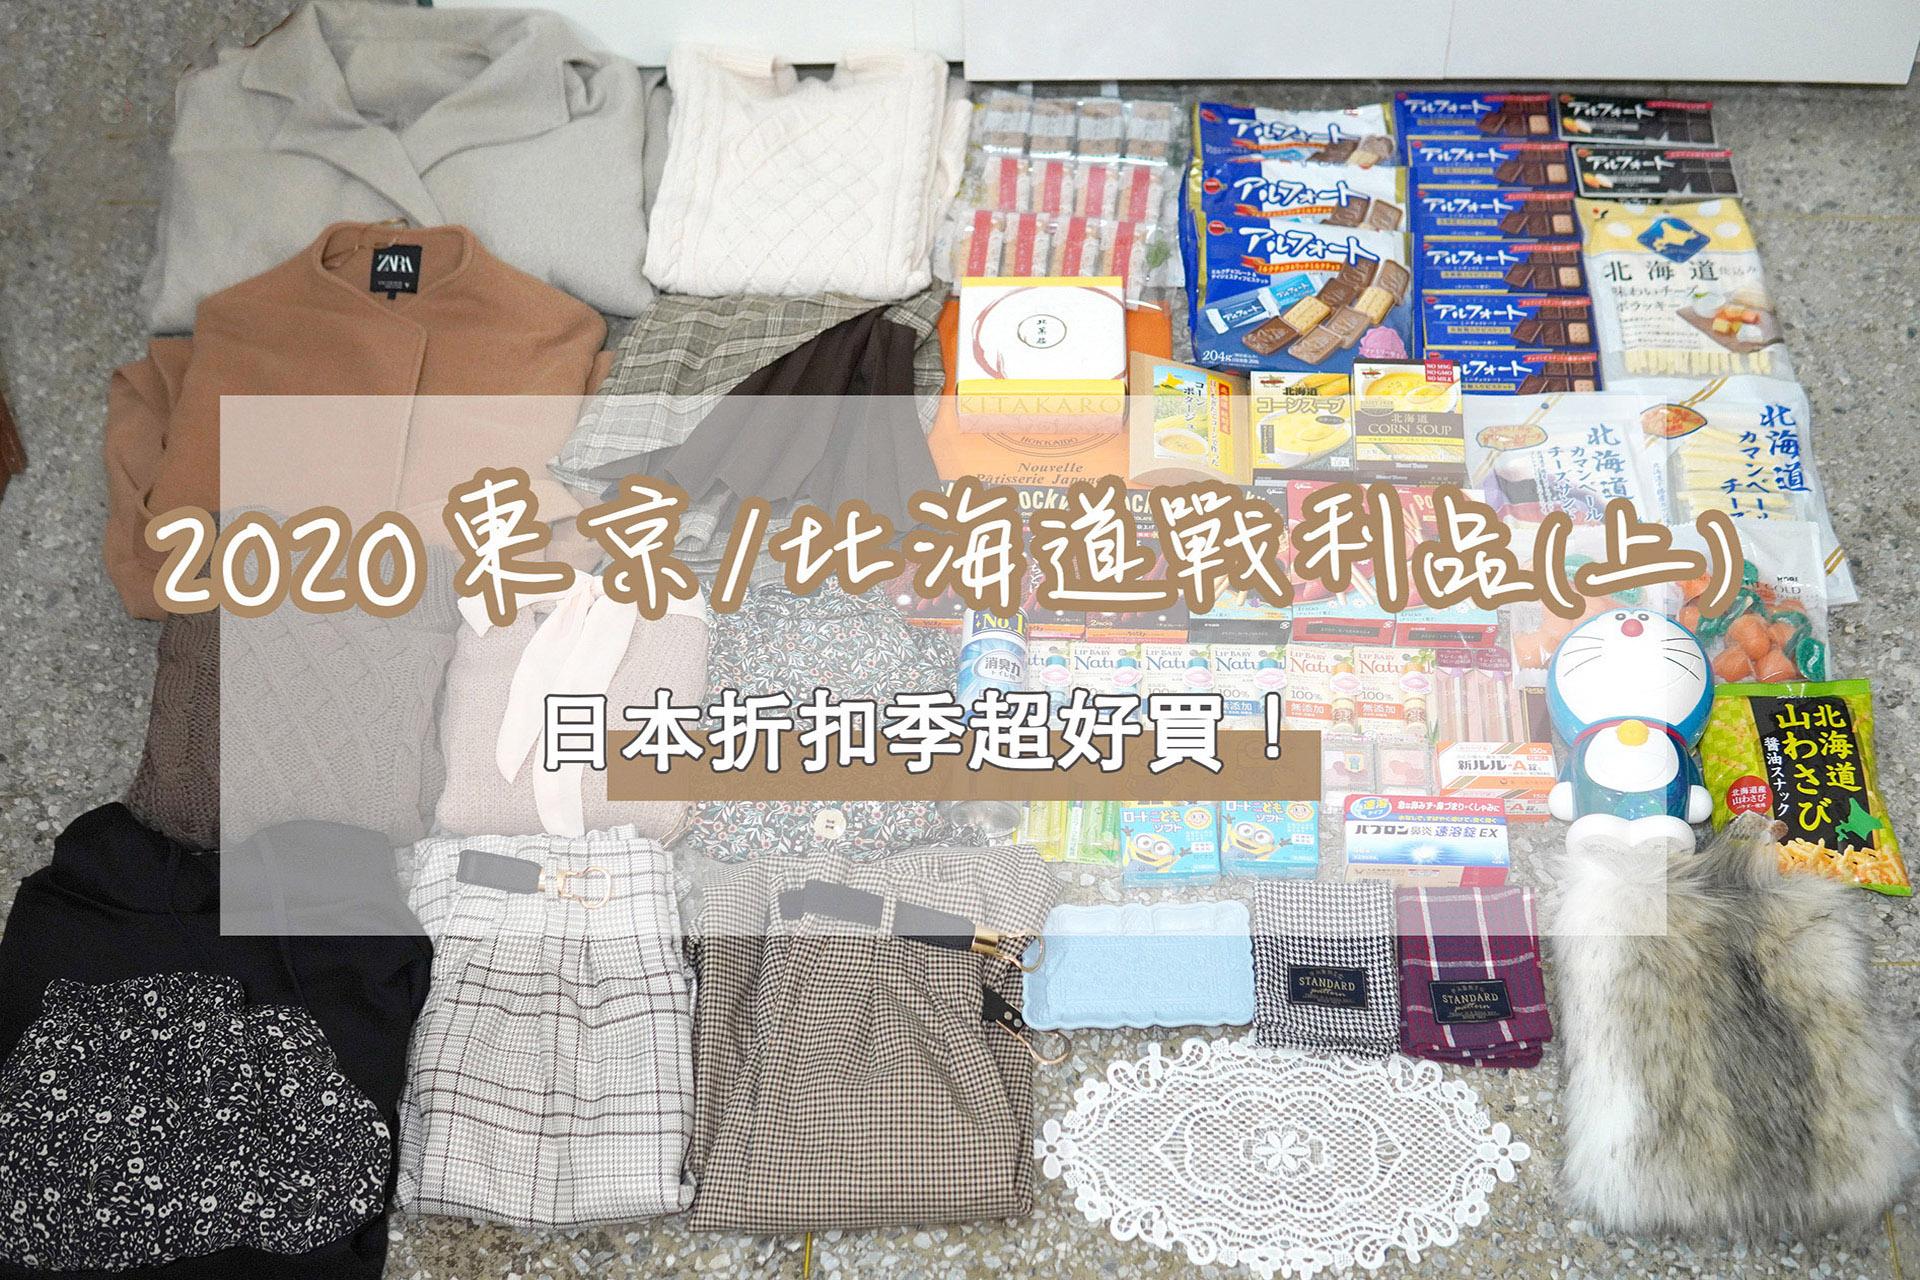 ☆【2020。東京 / 北海道】日本折扣季爆好買!(上):精品、雜貨、藥妝、零食、北海道伴手禮戰利品 @凱的日本食尚日記